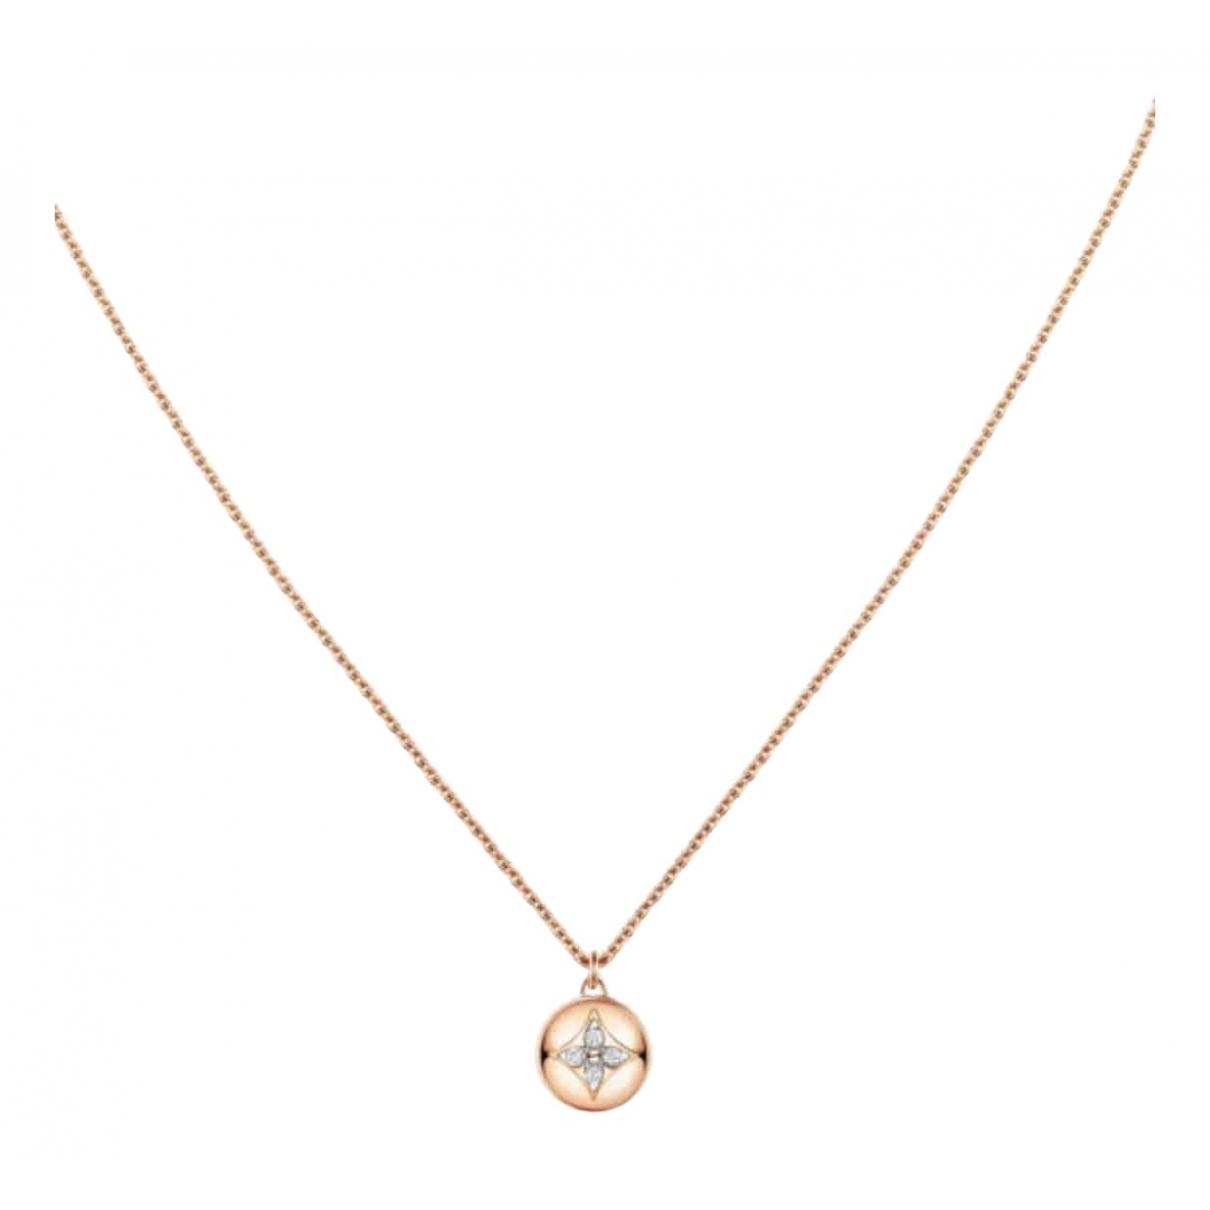 Collar Idylle Blossom de Oro rosa Louis Vuitton